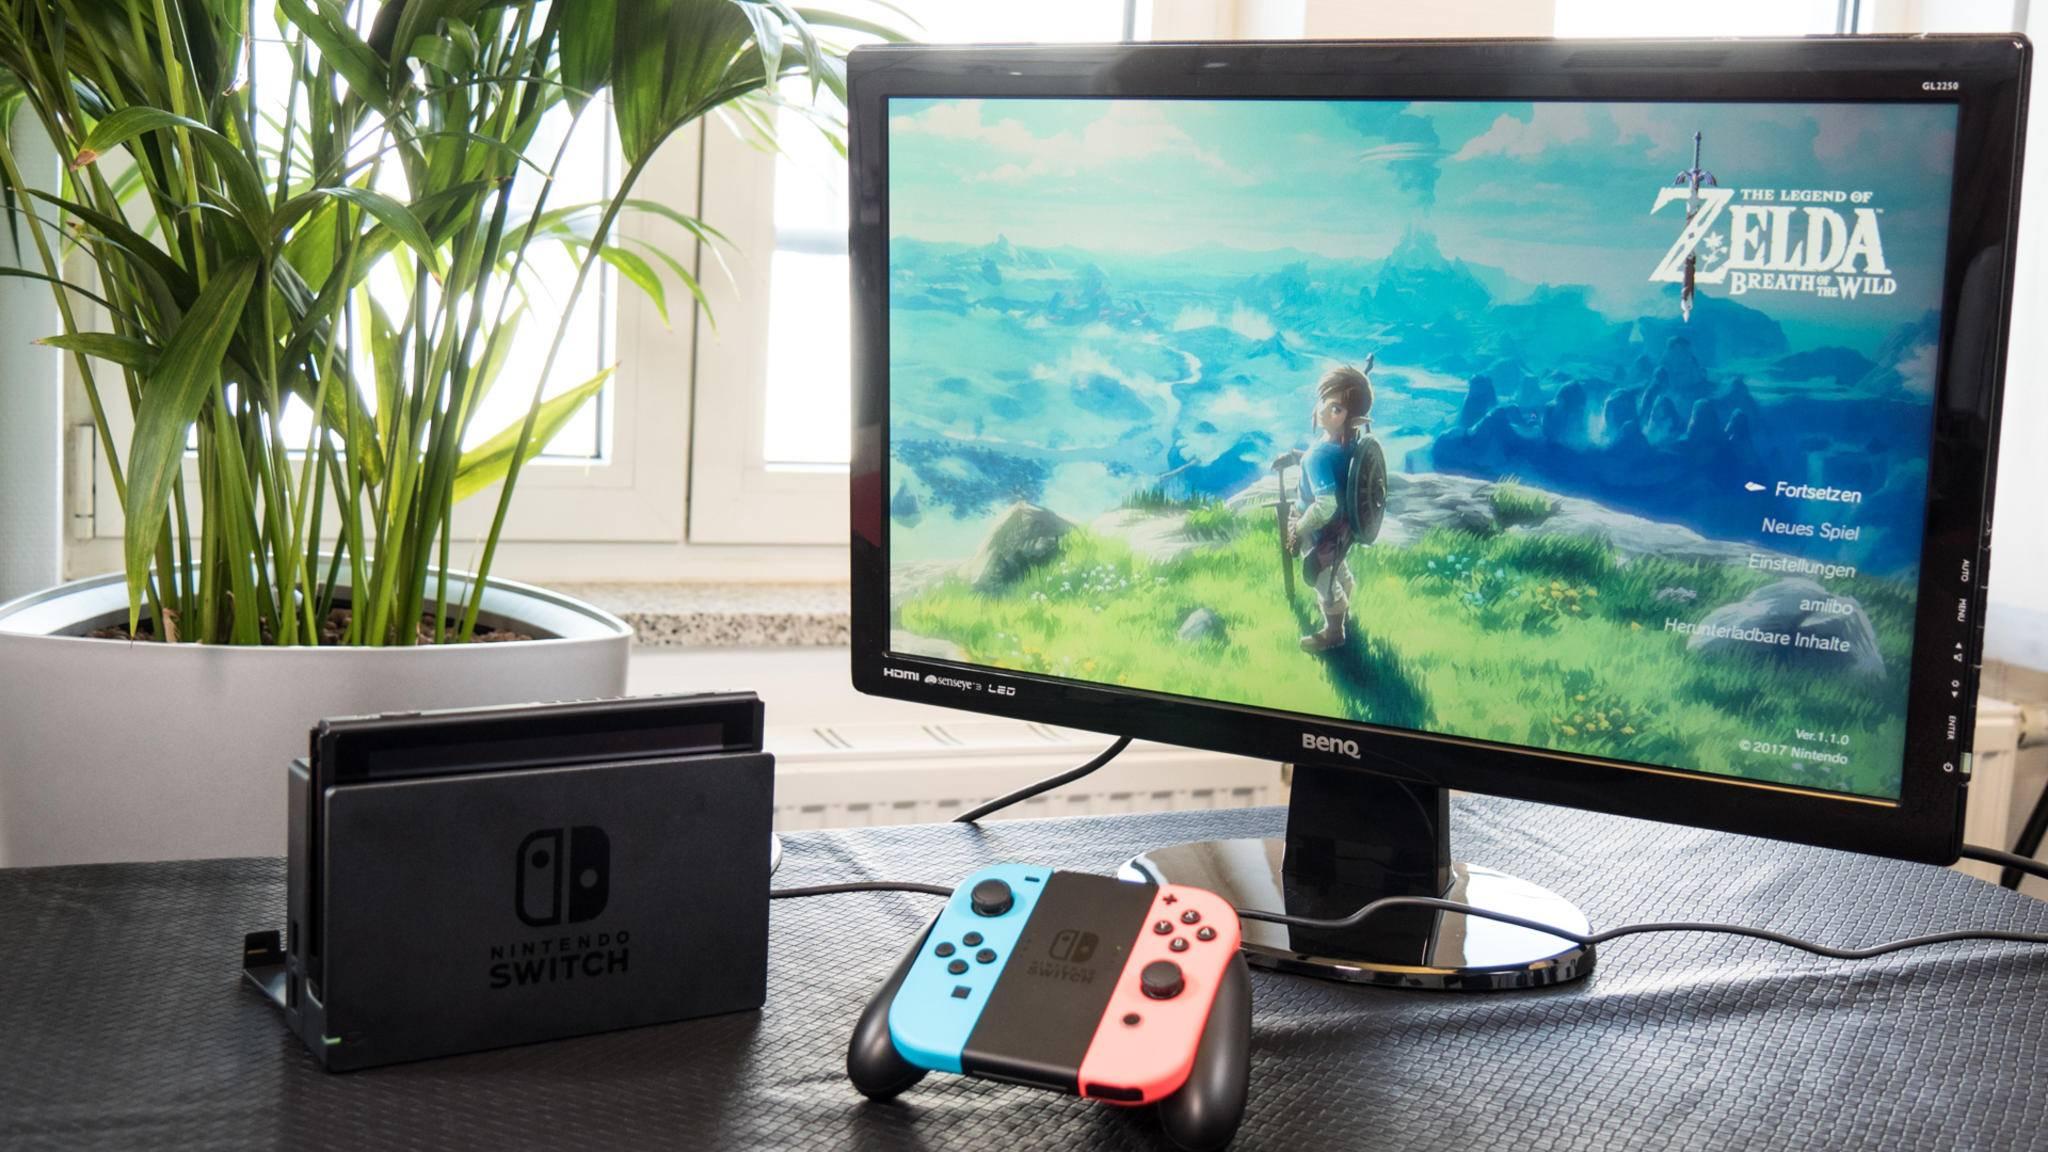 Die Nintendo Switch landet im Ranking des TIME Magazines vor iPhone X und der neuen Xbox One X.